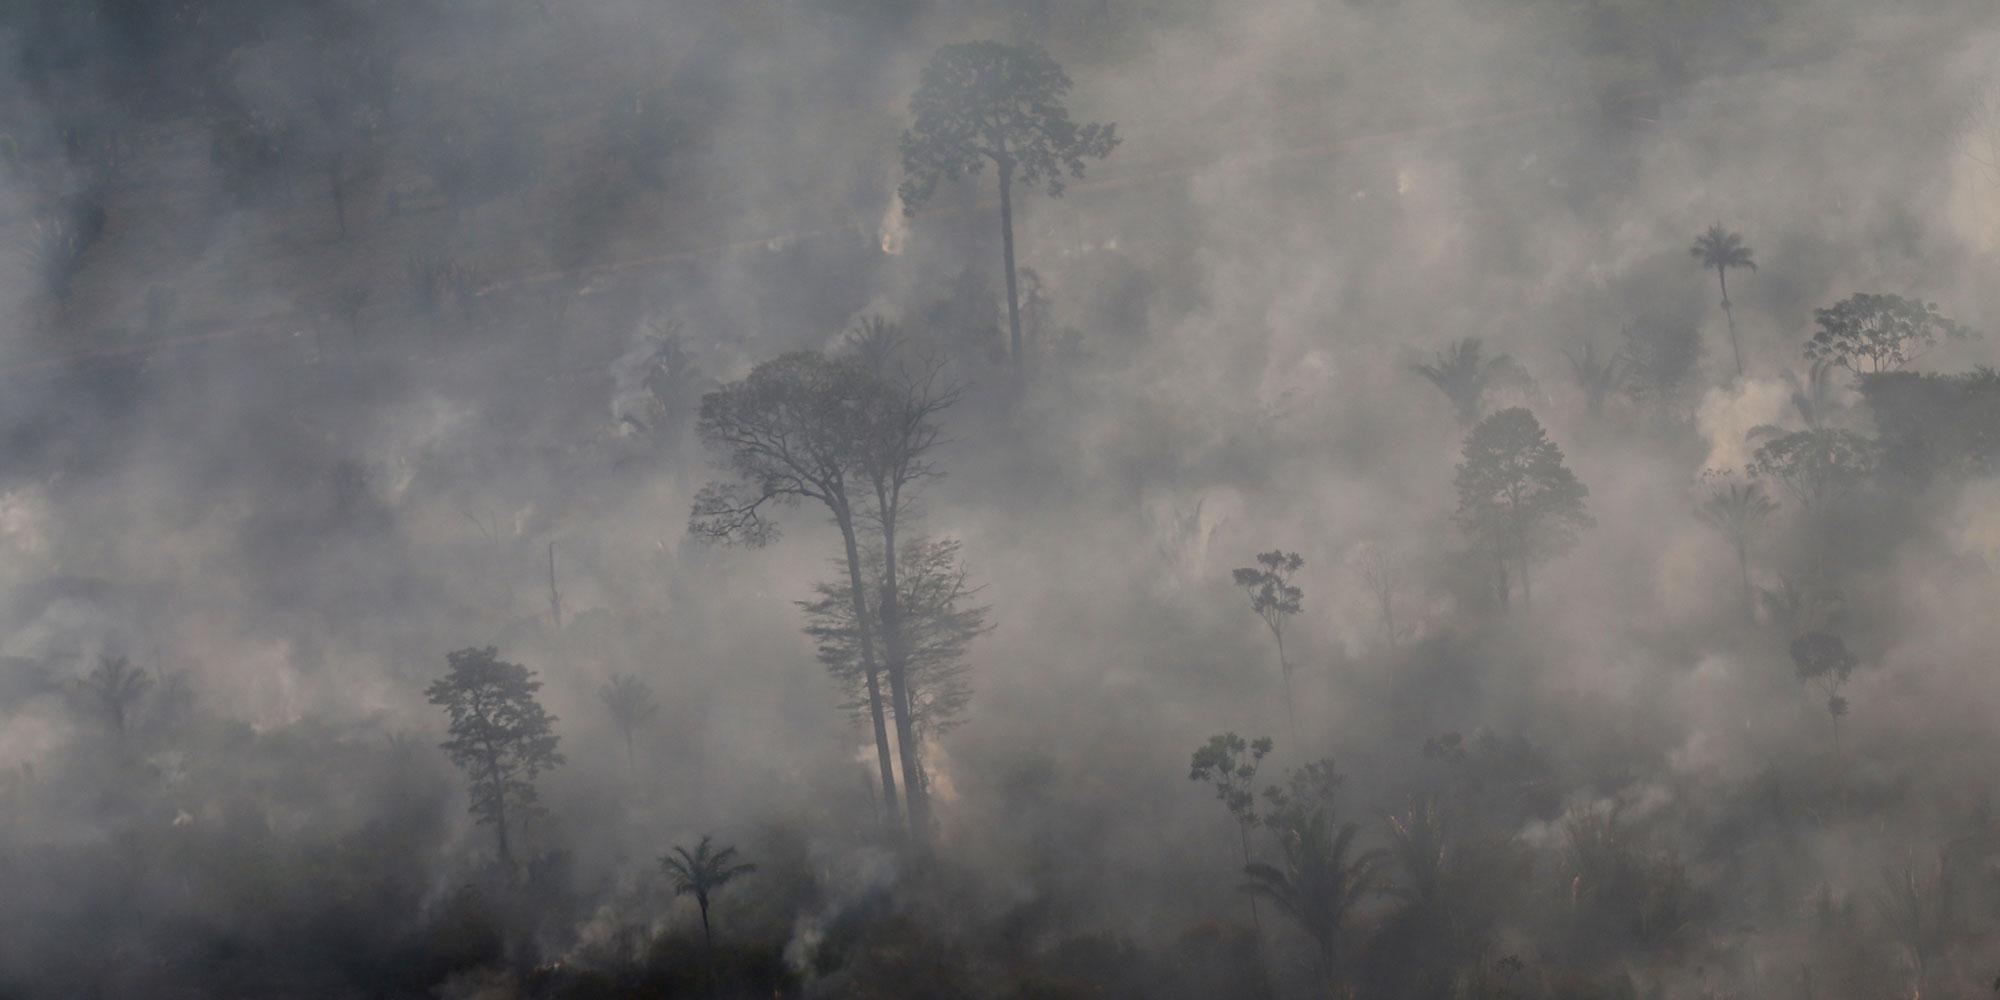 """Amazonie : des députés et ONG français appellent à agir pour ne pas être """"complices de la déforestation"""""""